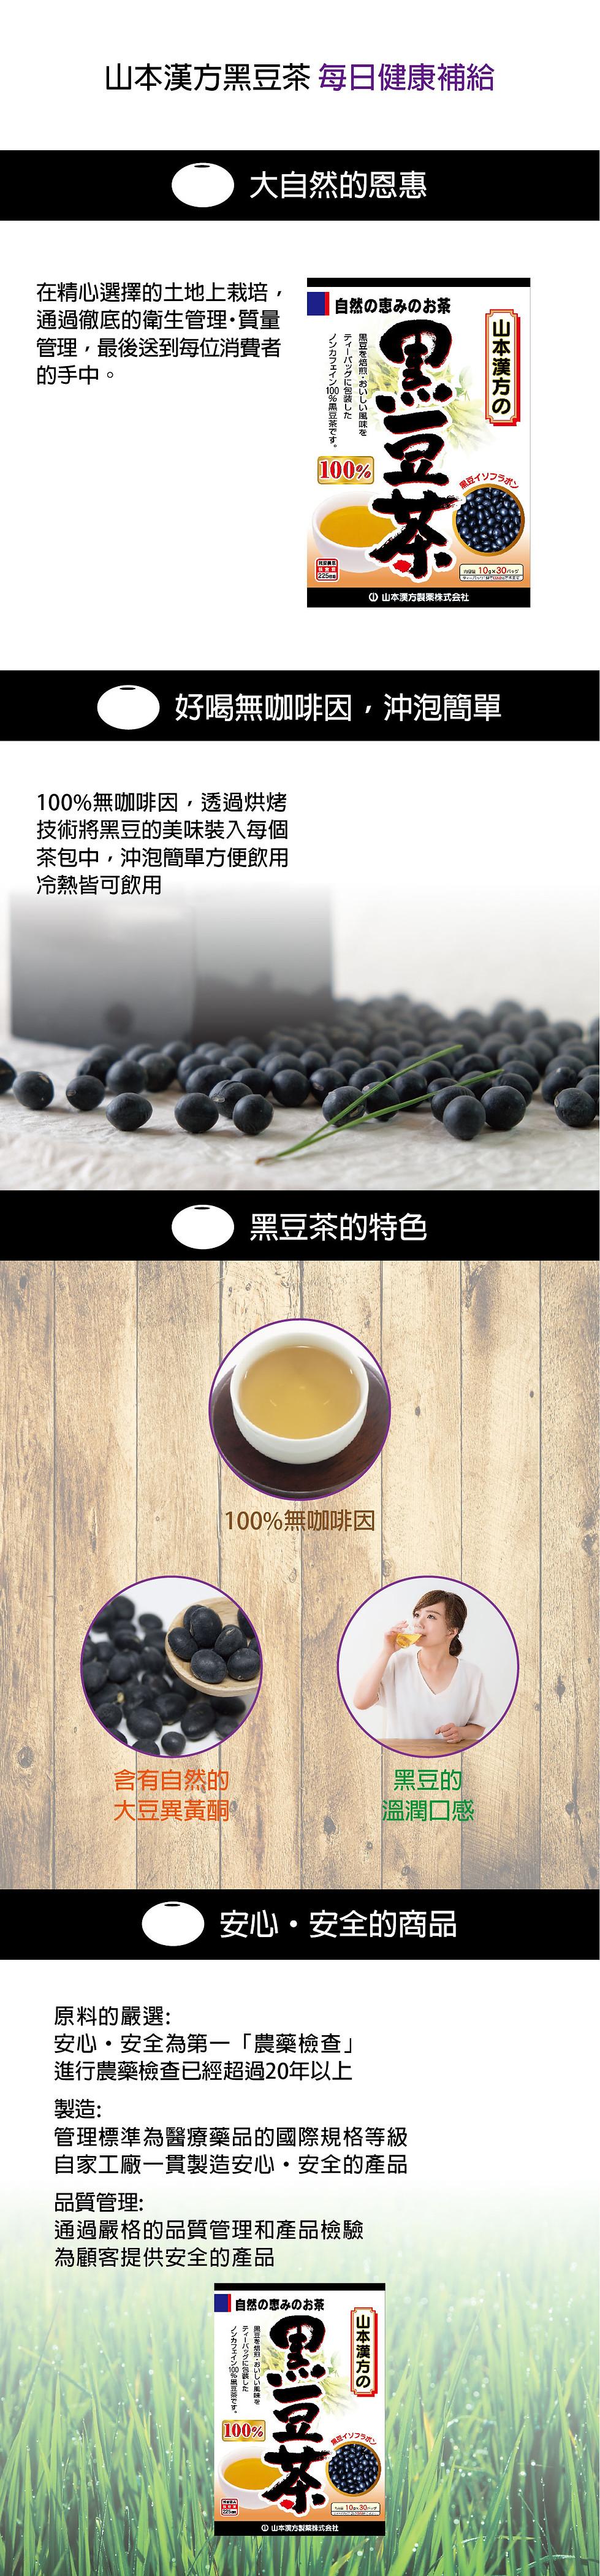 黑豆茶_200813-01.jpg